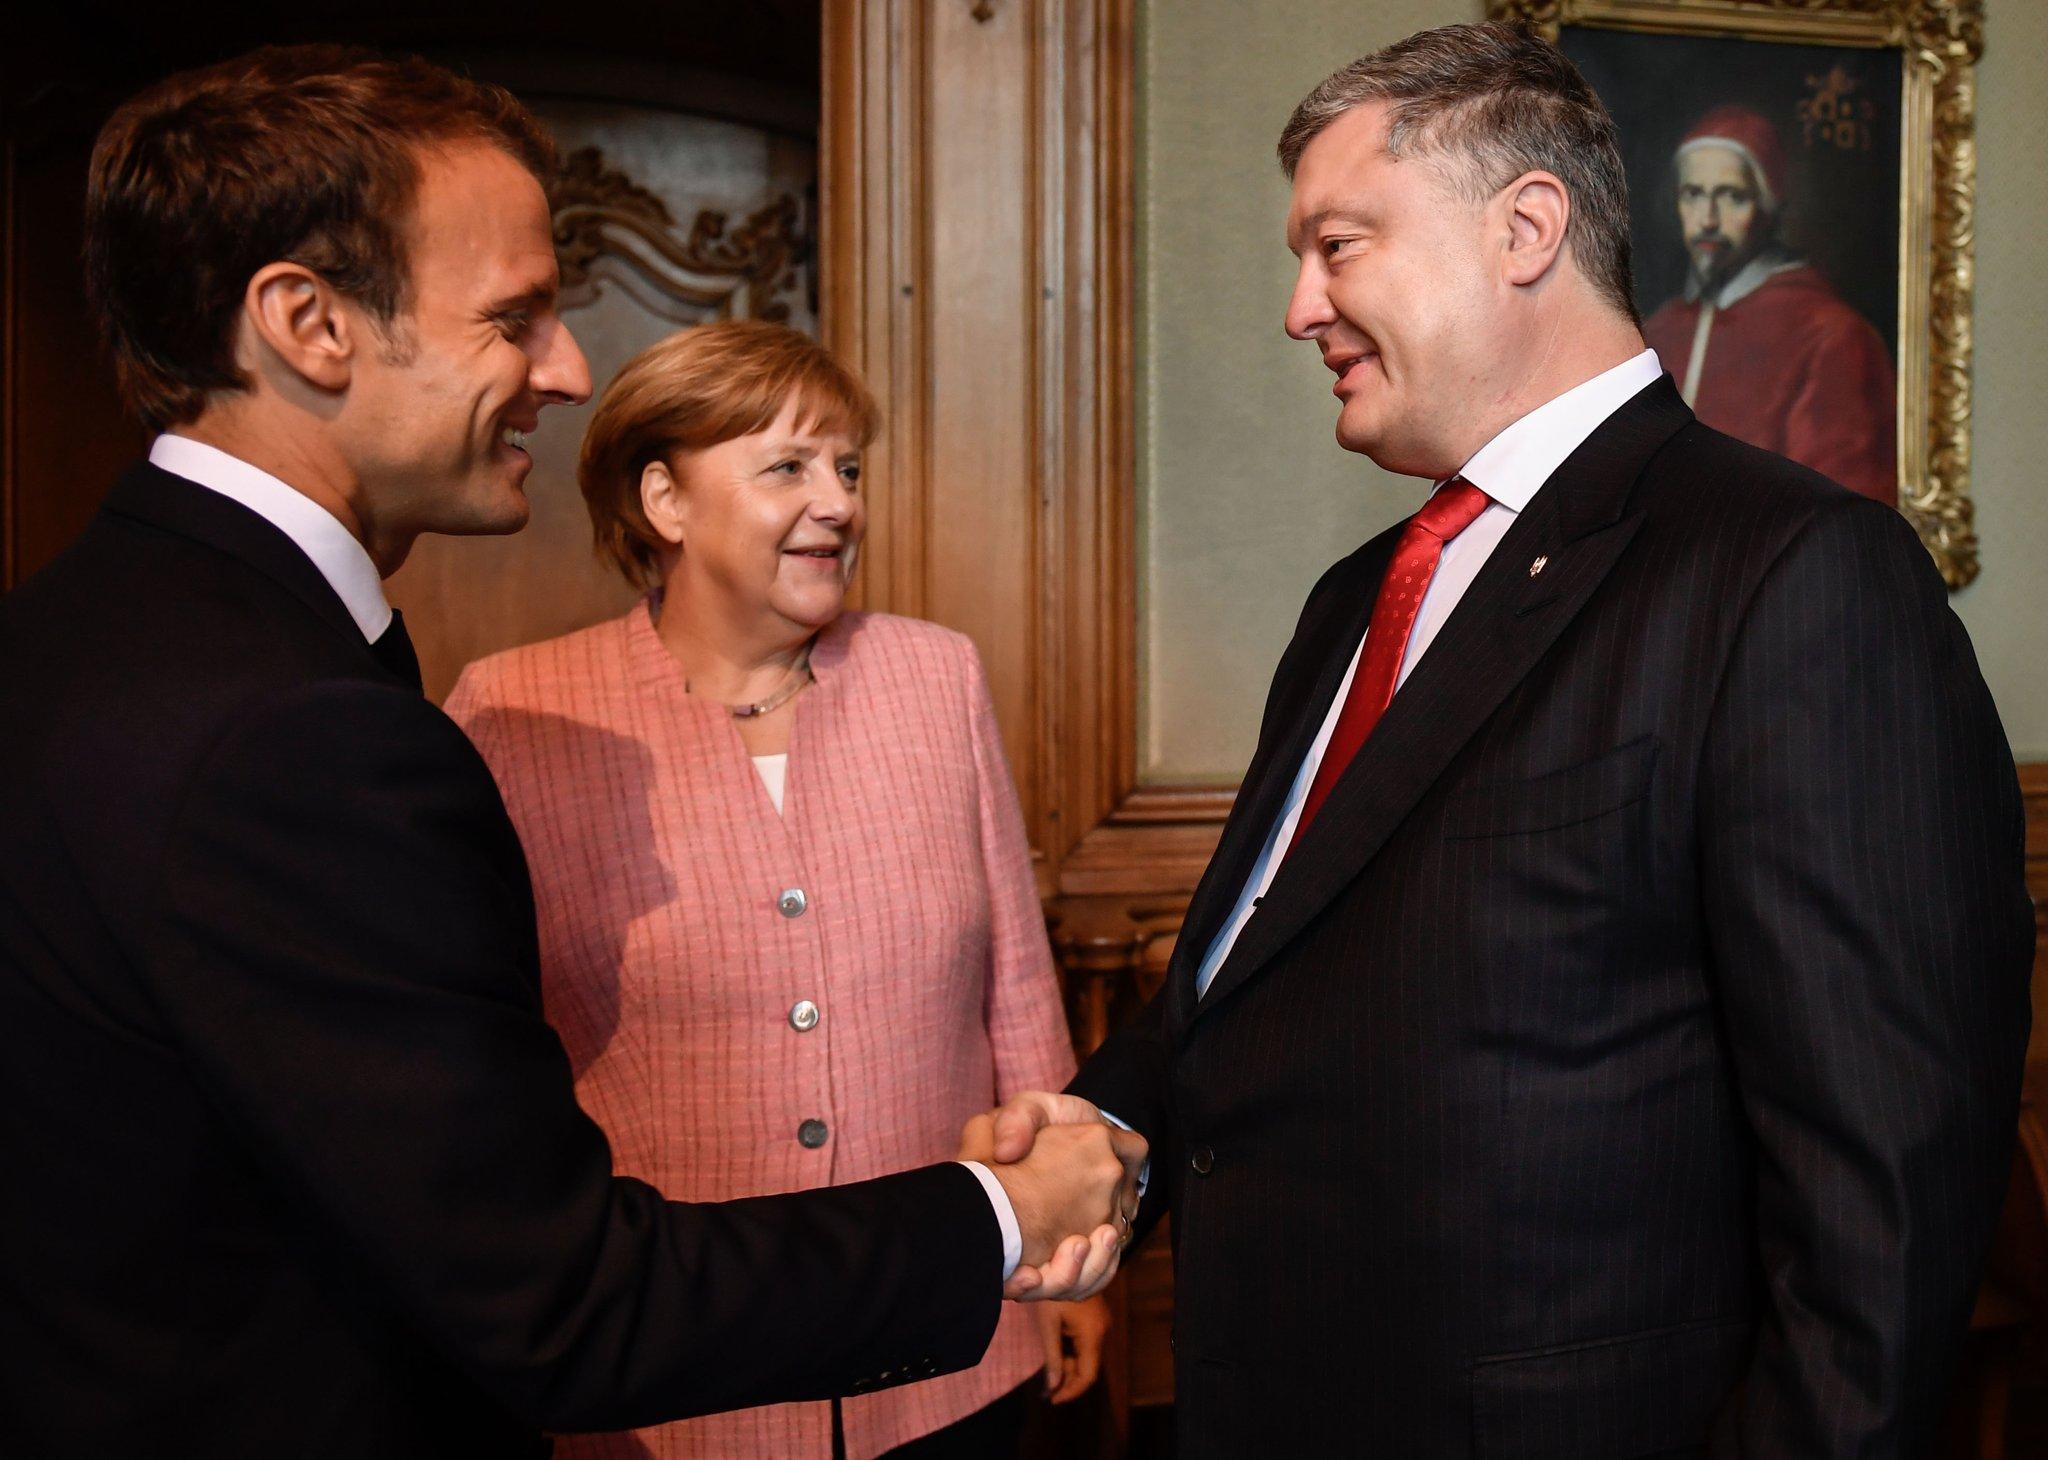 Порошенко прибыл в Ахен обсудить ввод миротворцев на Донбасс.